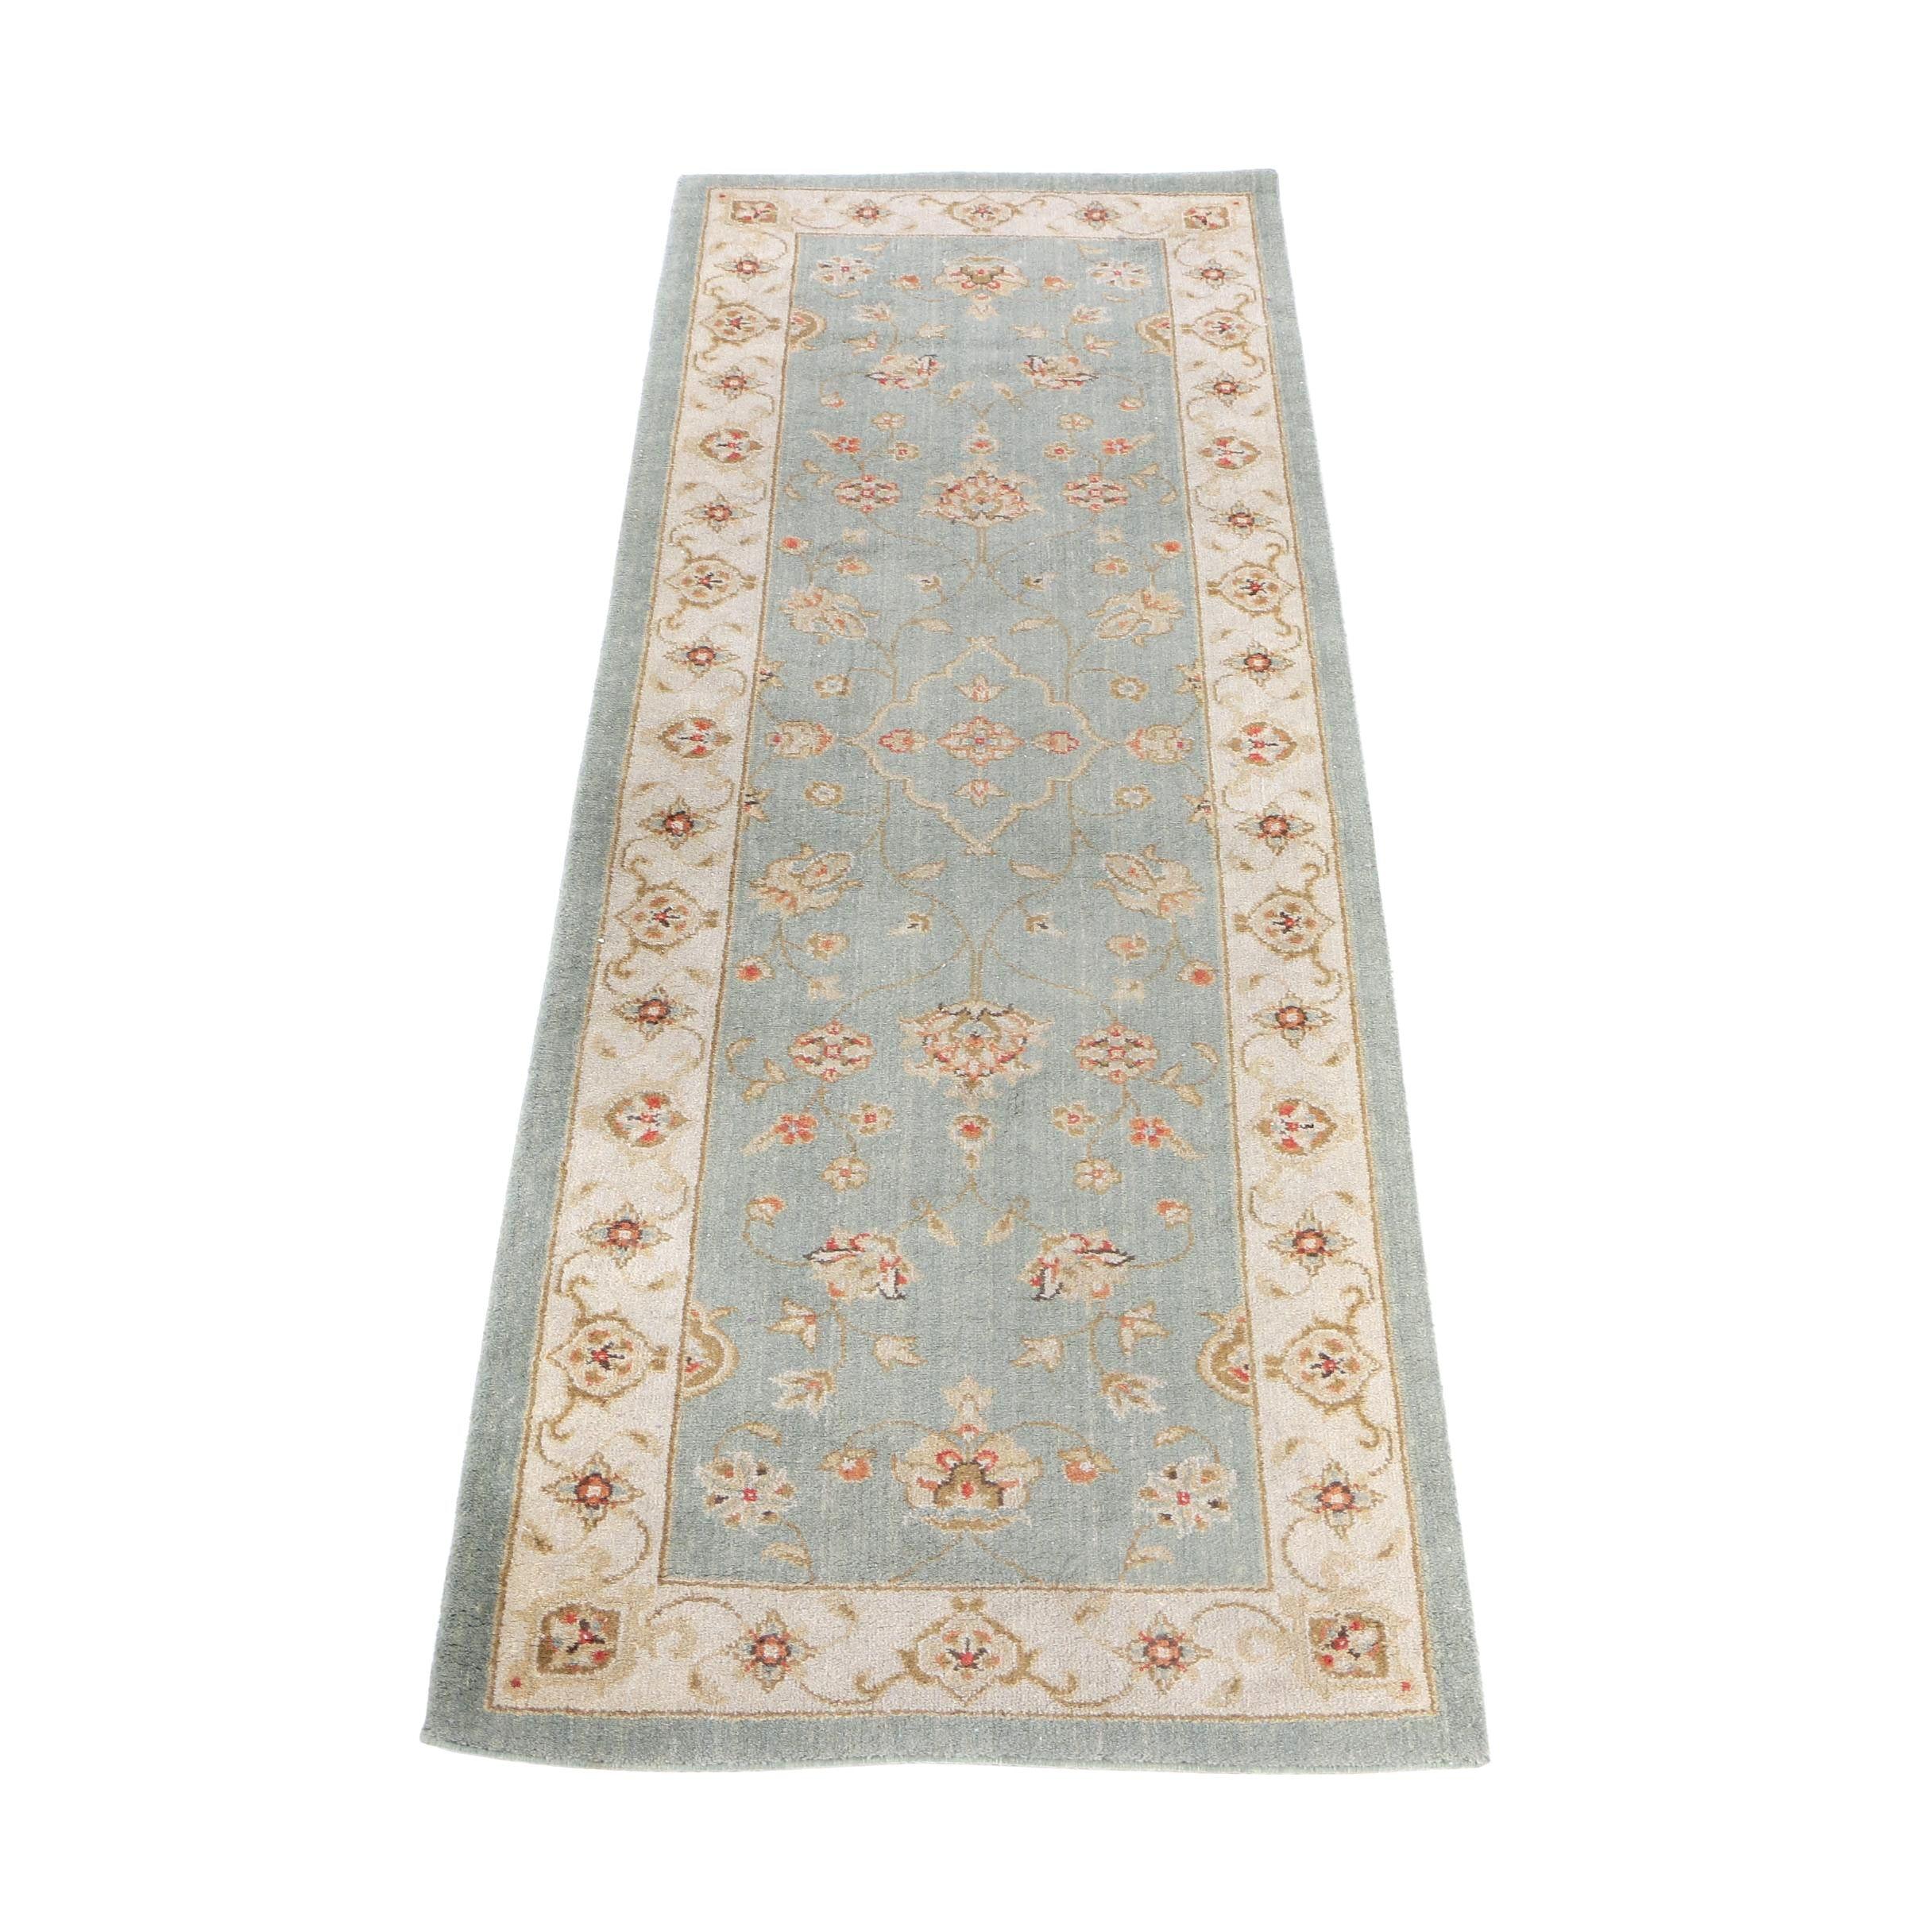 Power-Loomed Persian Style Carpet Runner